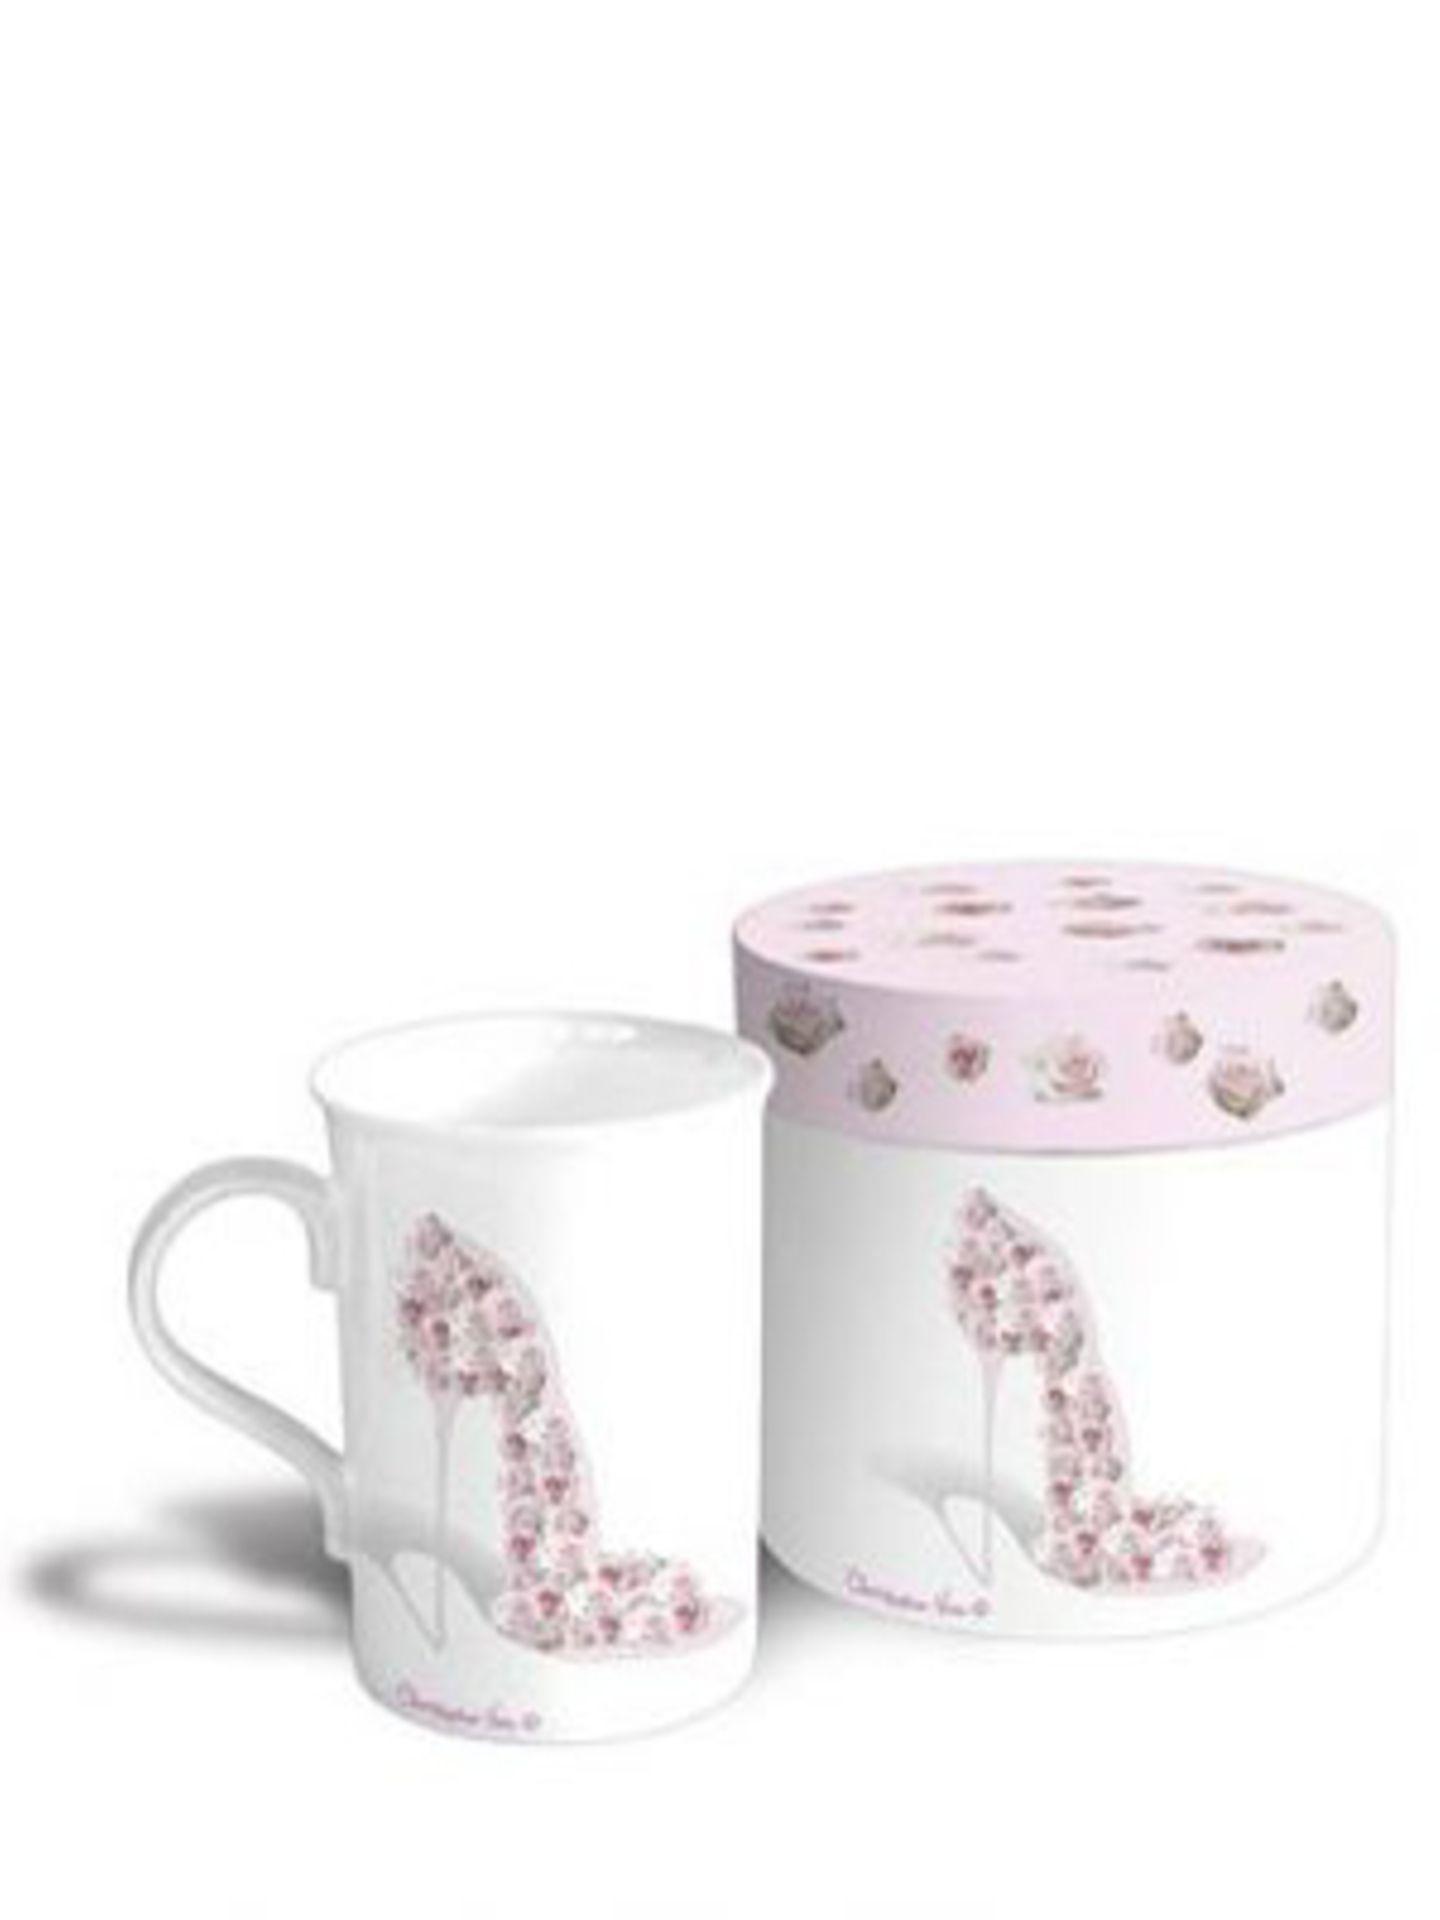 Für alle Schuhsammlerinnen (und das sind doch eigentlich alle Frauen): stylische Kaffeetasse mit Stiletto-Print in schicker Geschenkbox von Feiner Schnickschnack, um 11 Euro.